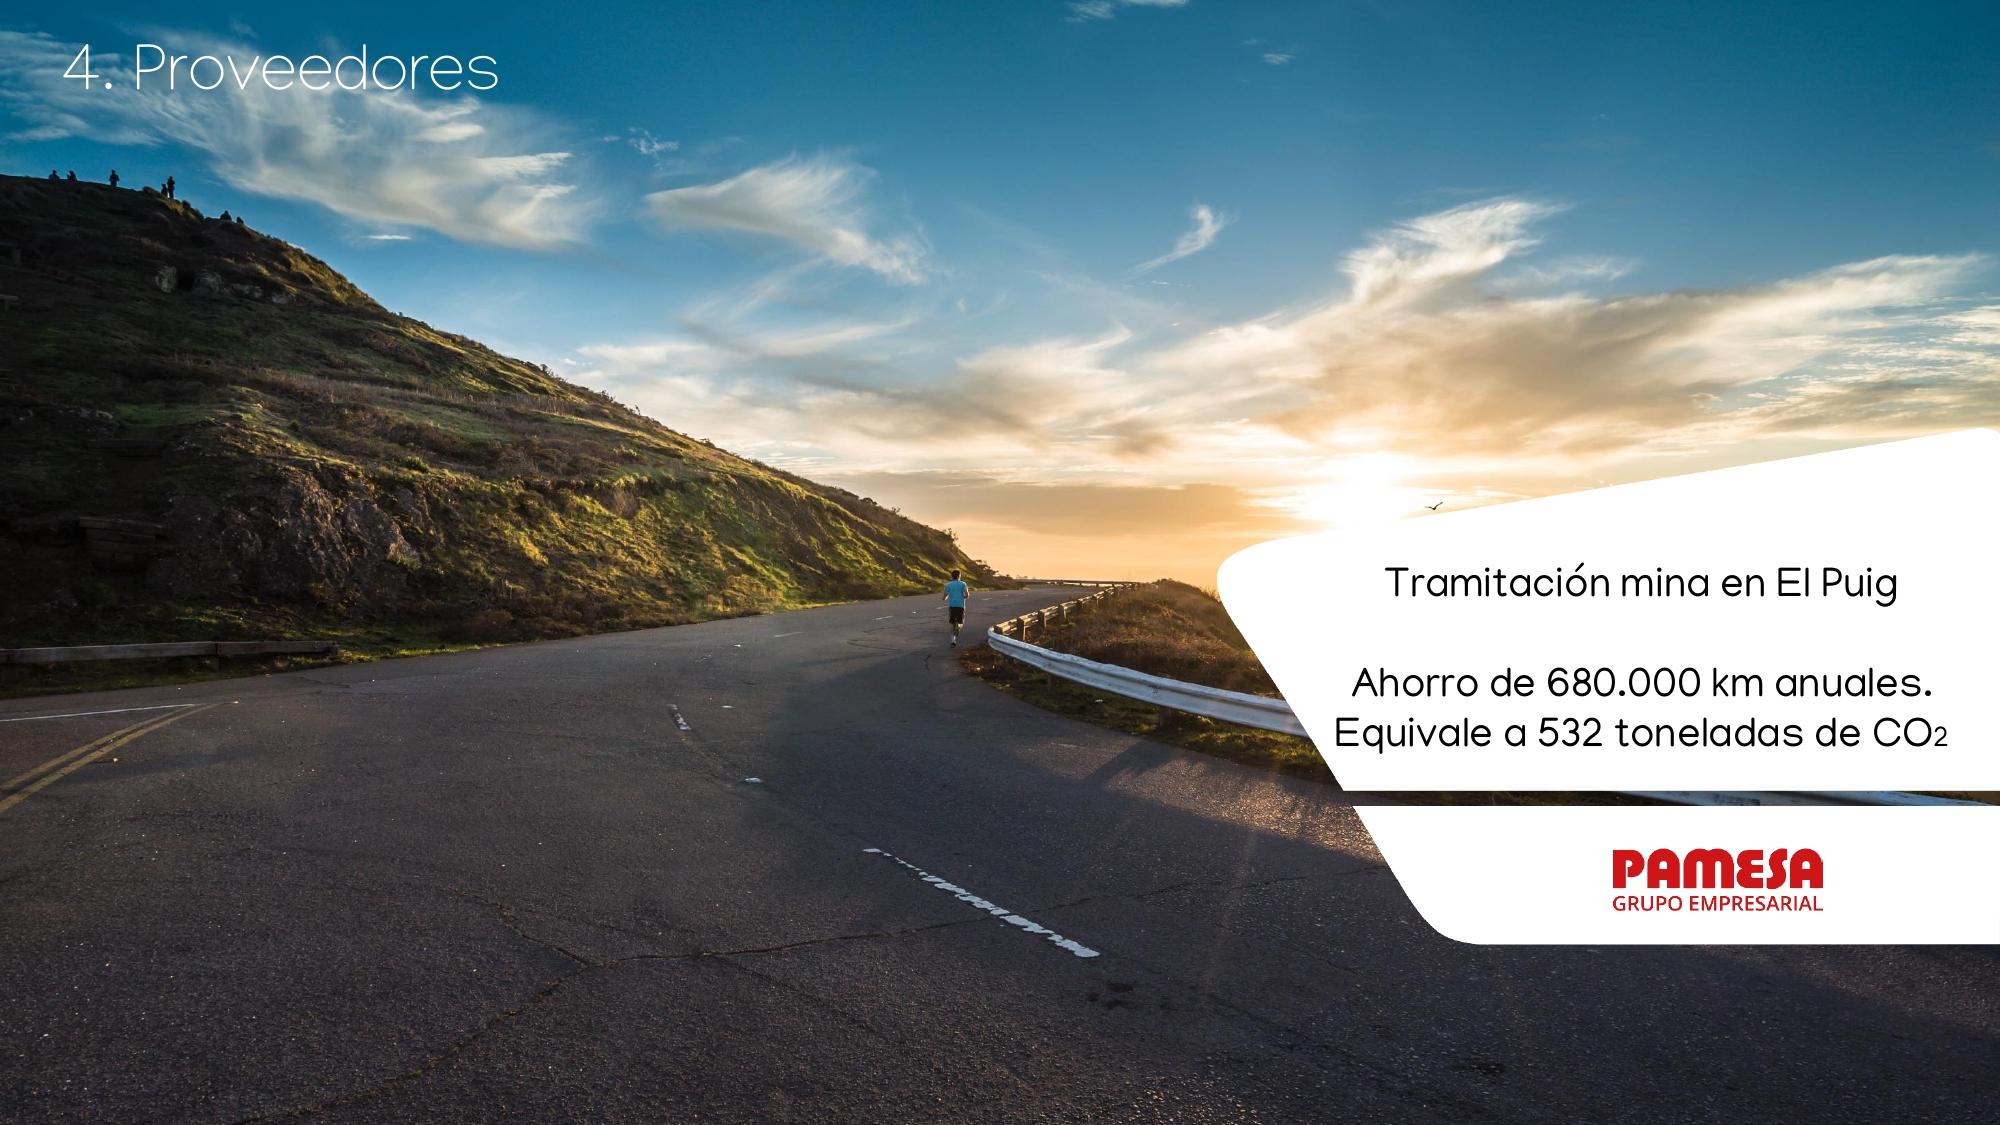 RESULTADOS_ pamesa_grupo_empresarial_page-0026